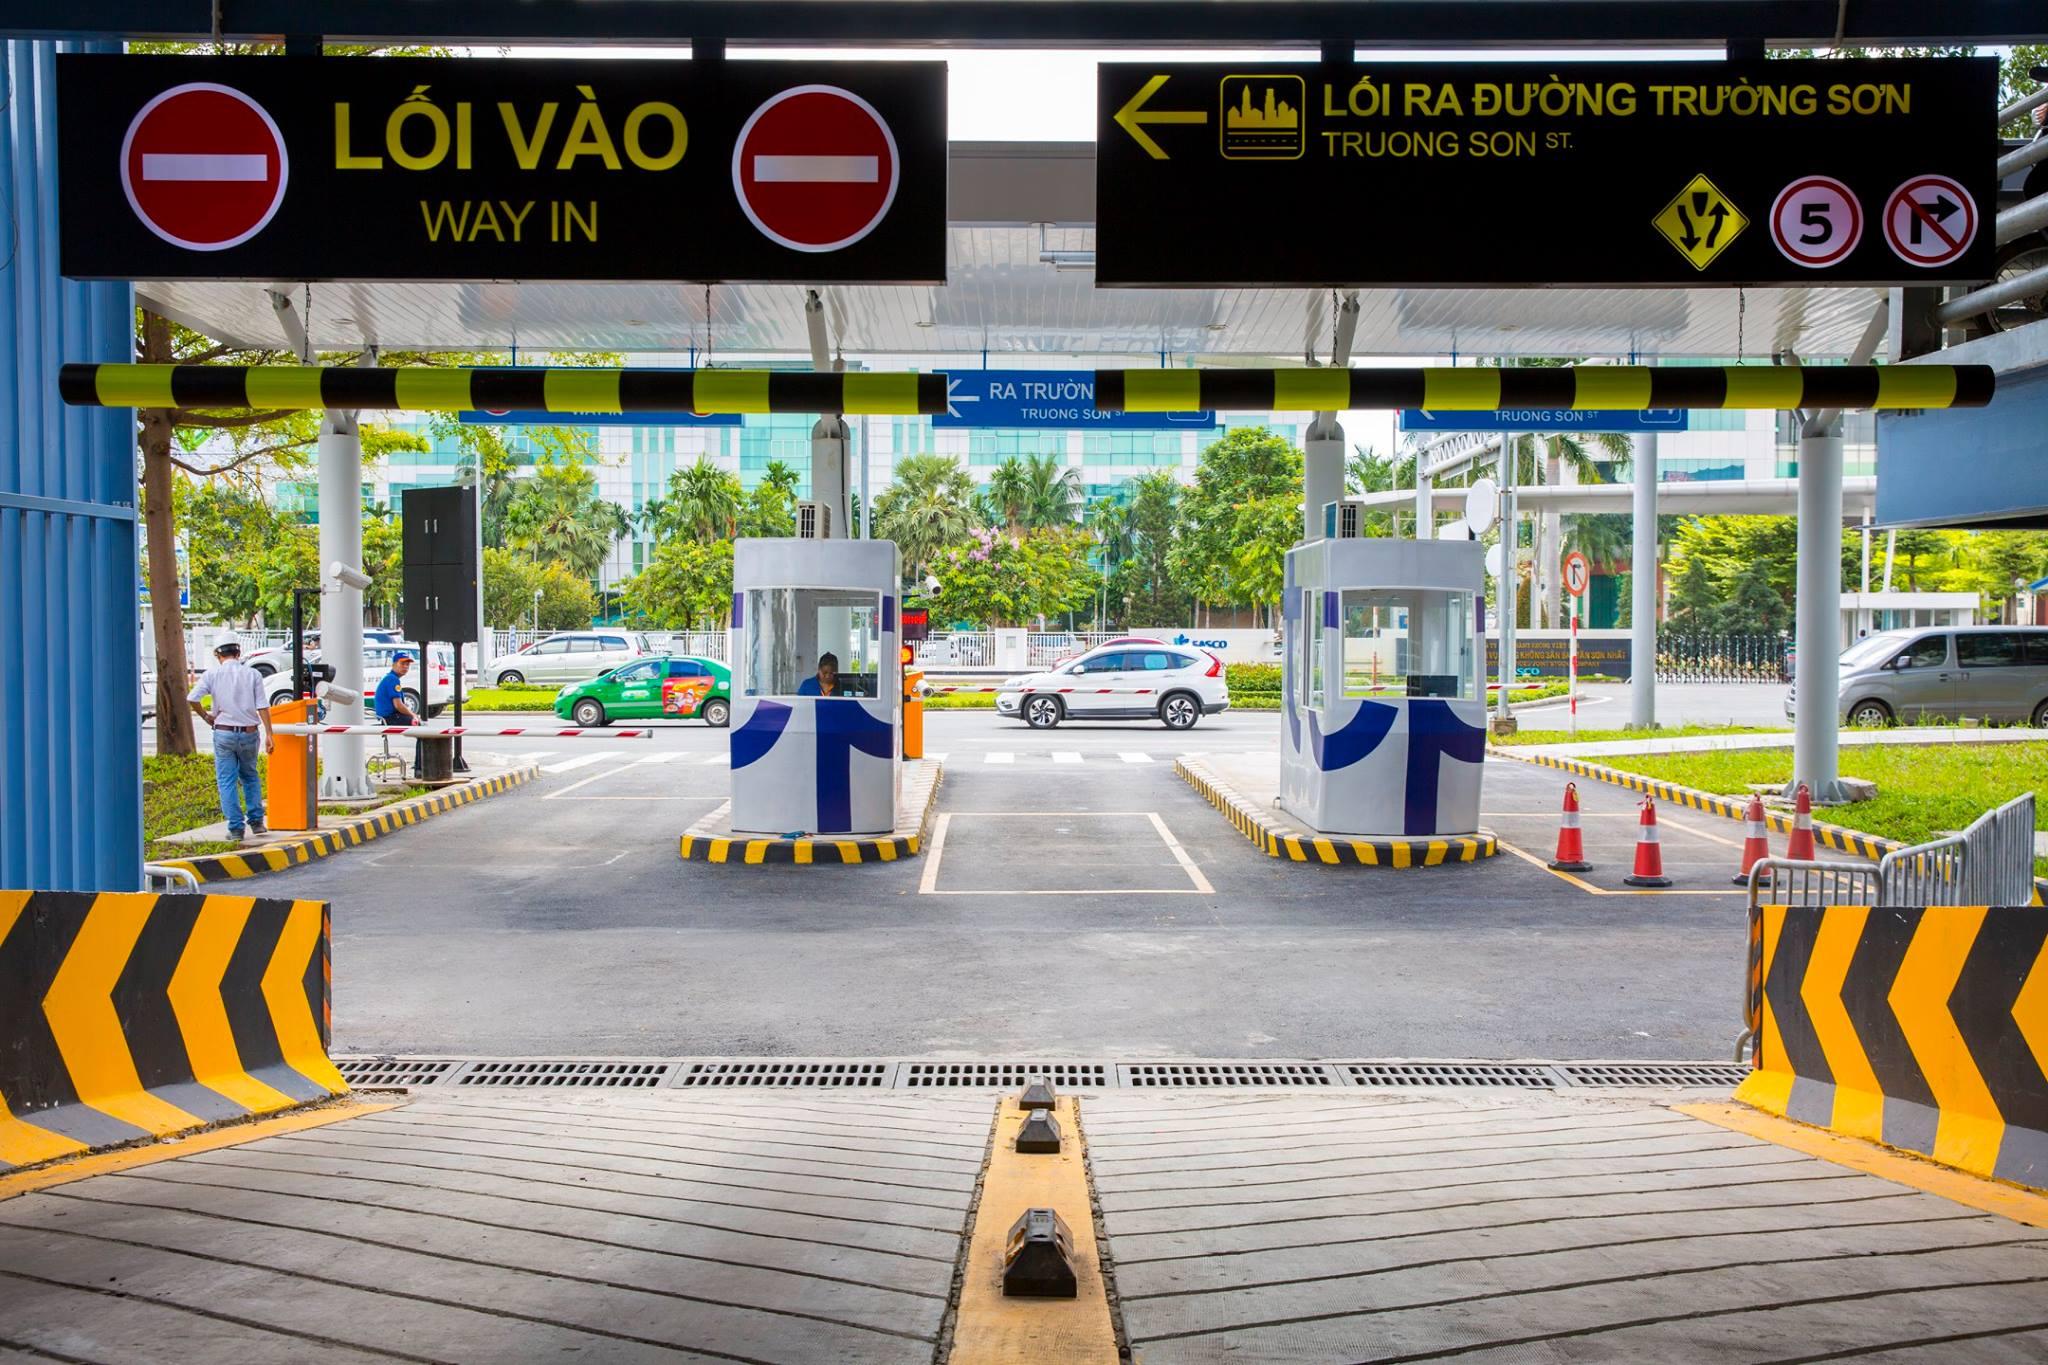 Nhà xe sân bay Tân Sơn Nhất kiếm bộn tiền sau 4 năm vận hành - Ảnh 1.